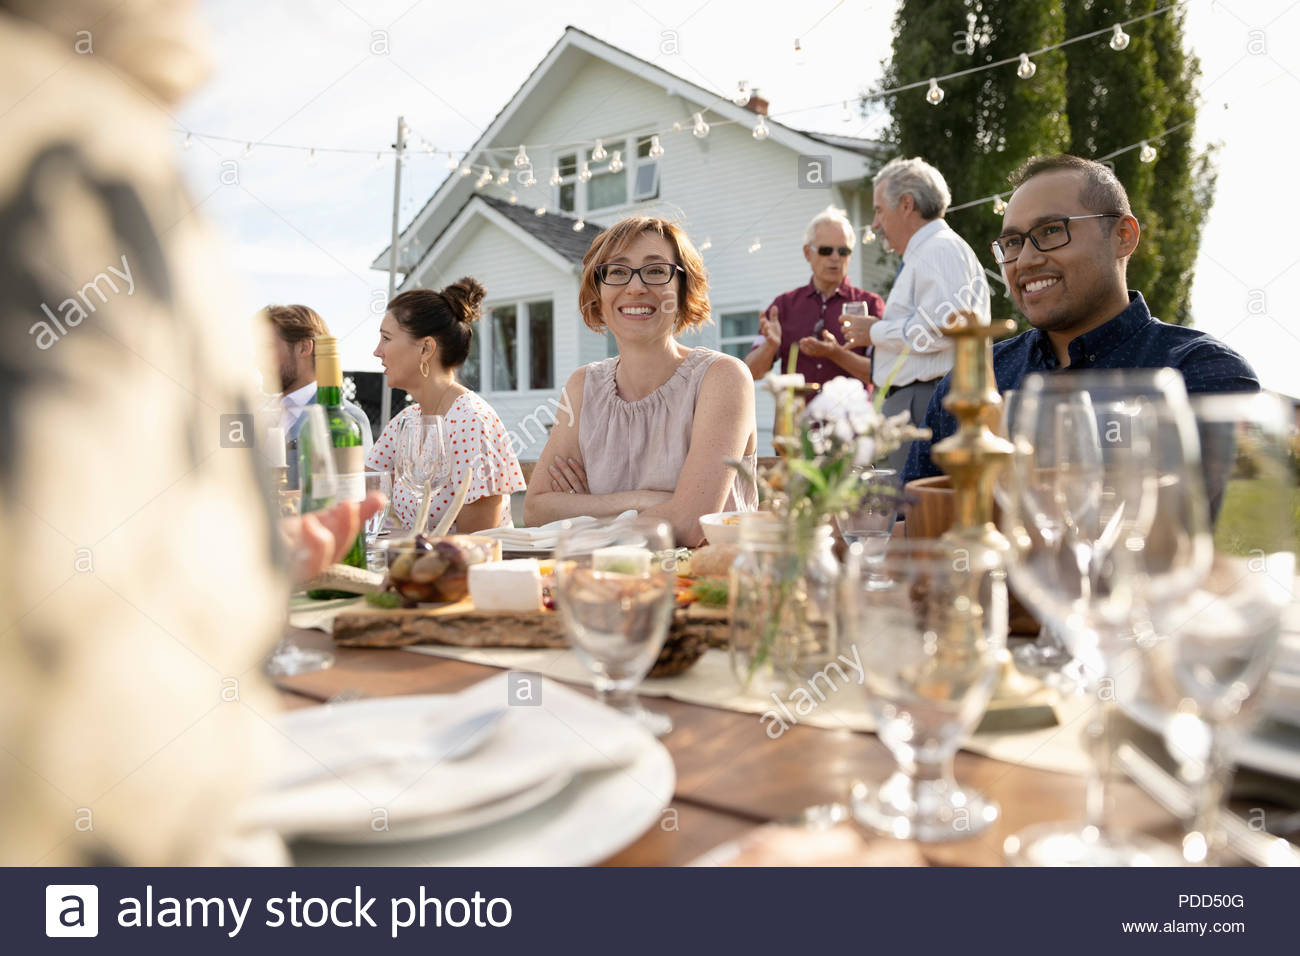 Amici godendo di ricevimento di nozze il pranzo al tavolo rurale Immagini Stock